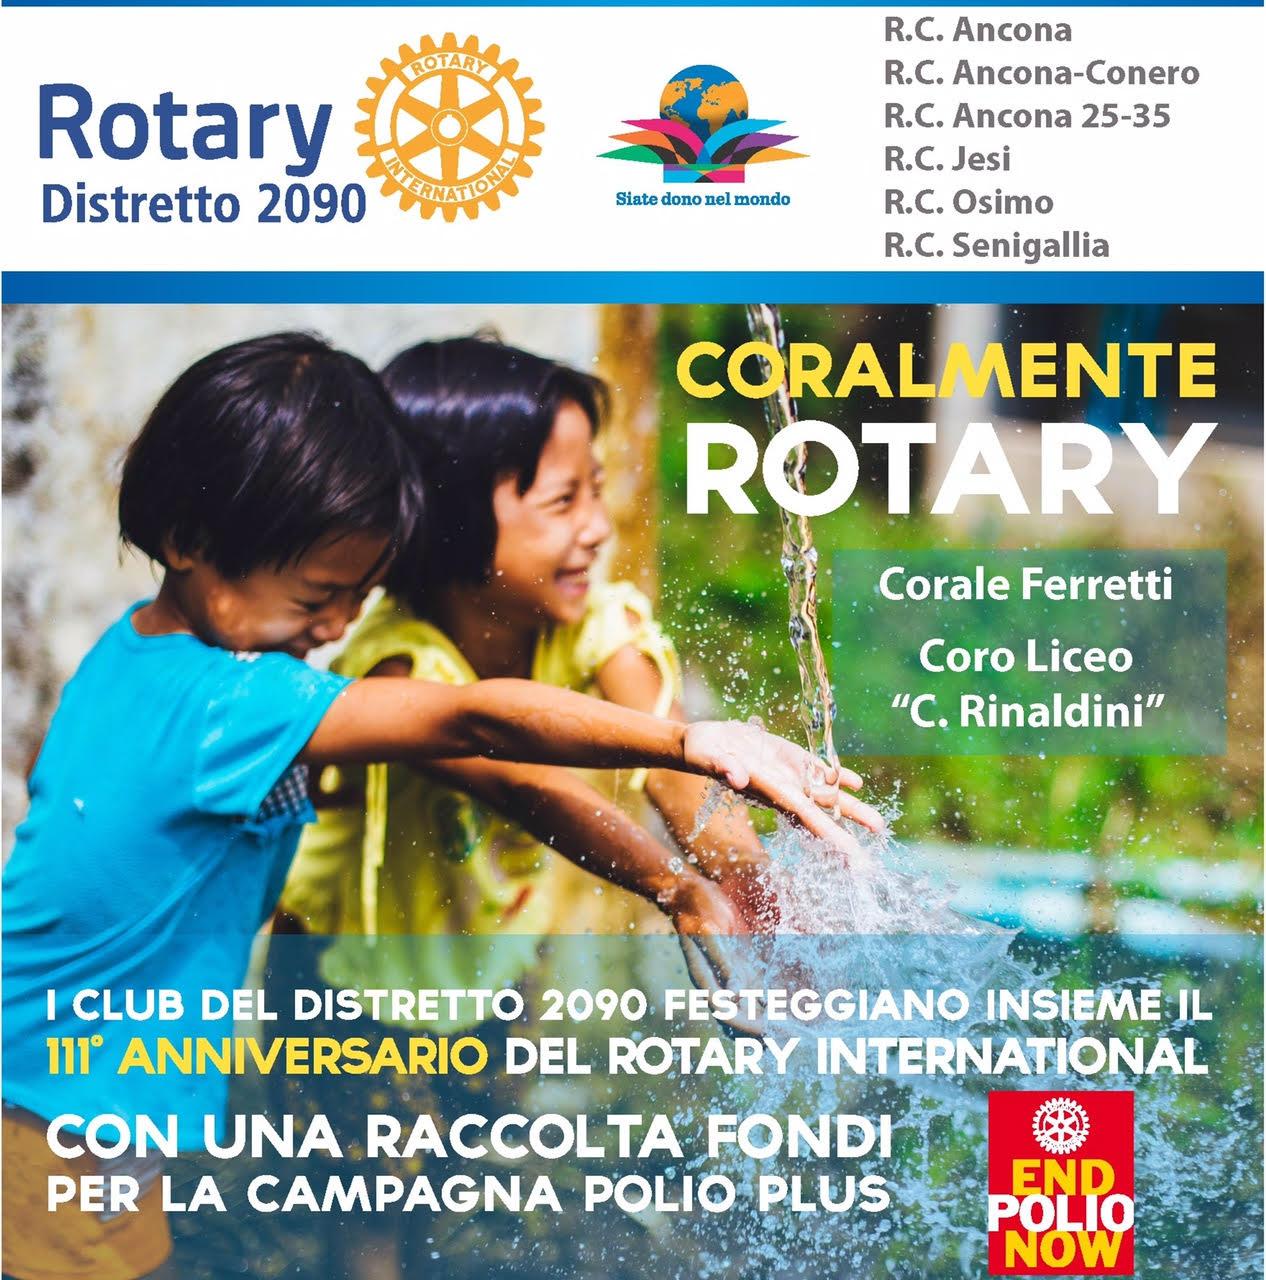 Miniatura per l'articolo intitolato:Coralmente Rotary 2016